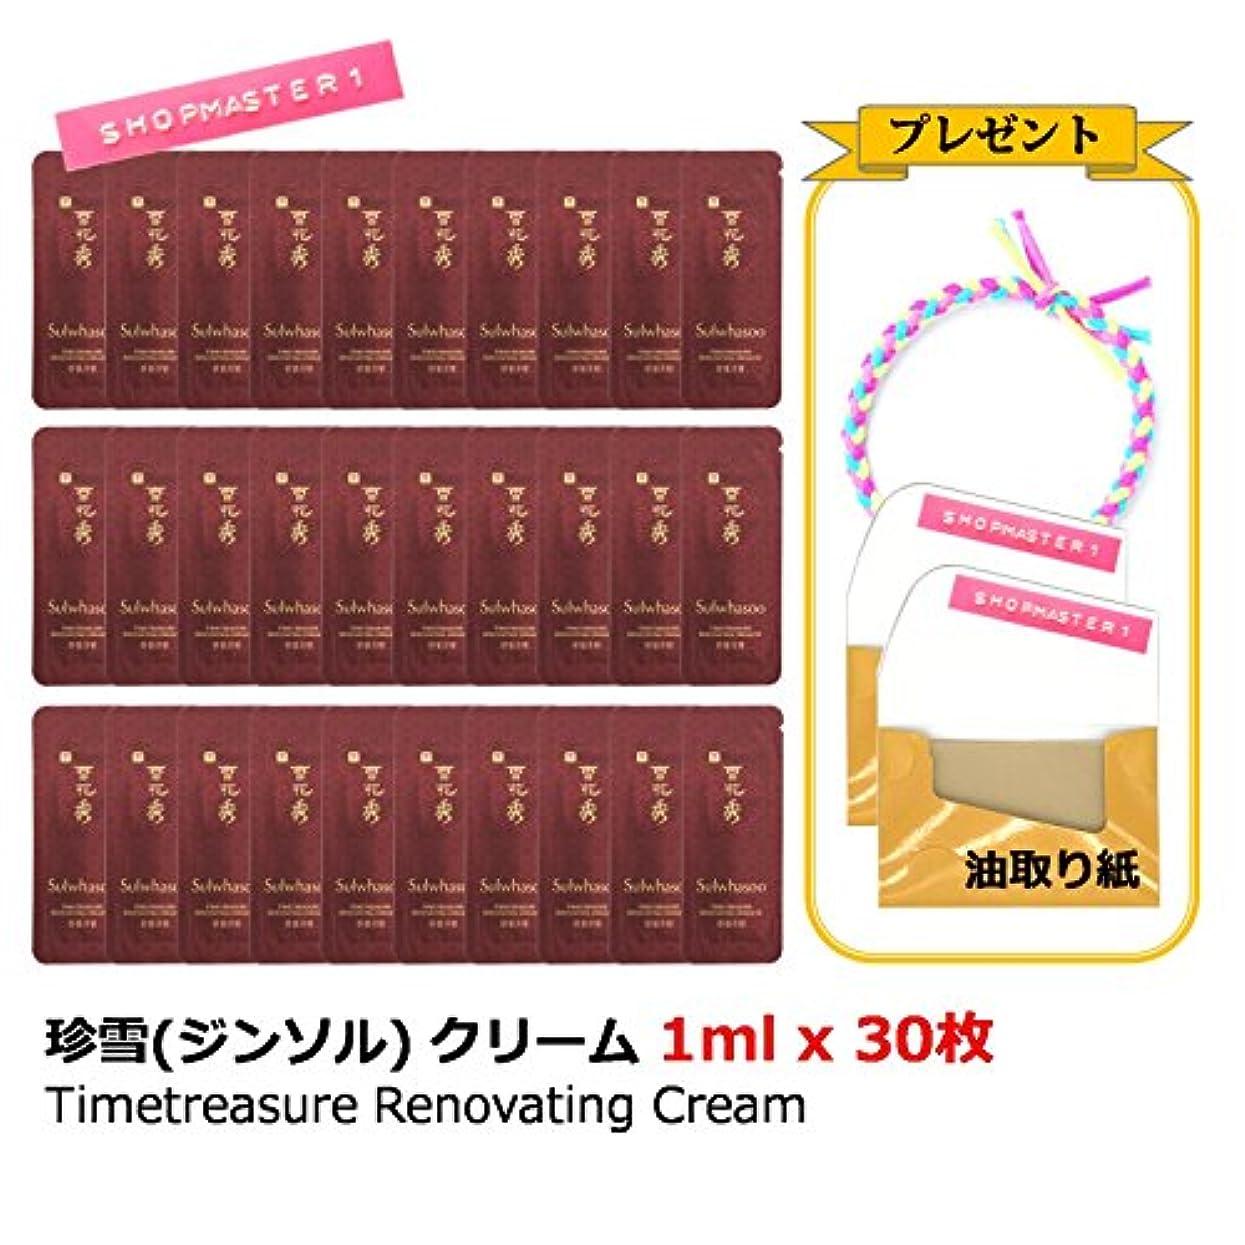 着服どういたしまして弁護士【Sulwhasoo ソルファス】珍雪(ジンソル) クリーム 1ml x 30枚 Timetreasure Renovating Cream/プレゼント 油取り紙 2個(30枚ずつ)、ヘアタイ/海外直配送